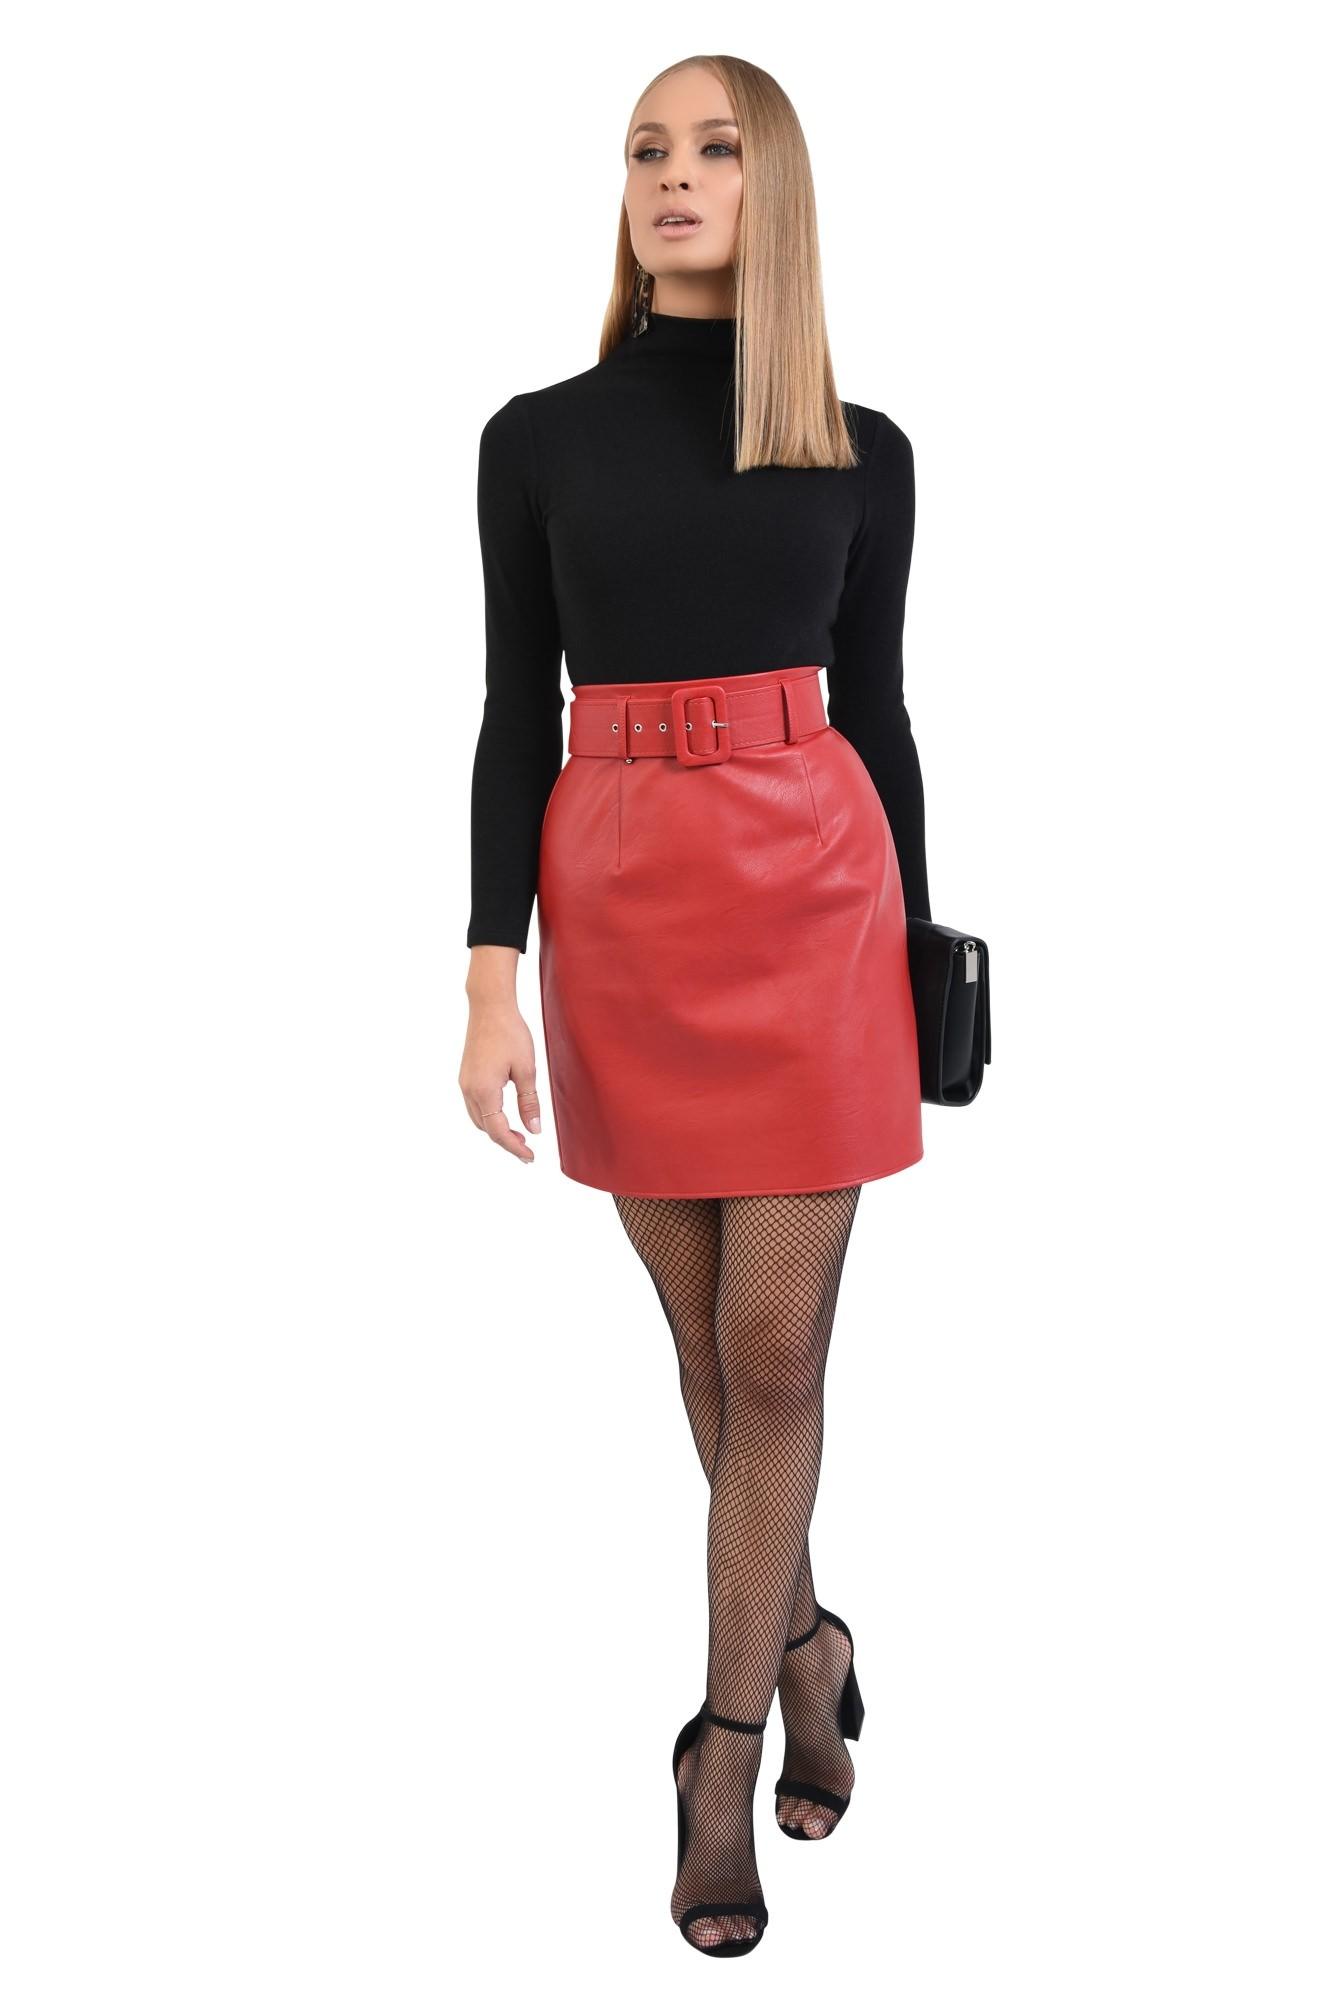 3 - 360 - fusta casual, scurta, rosie, cu centura, piele ecologica